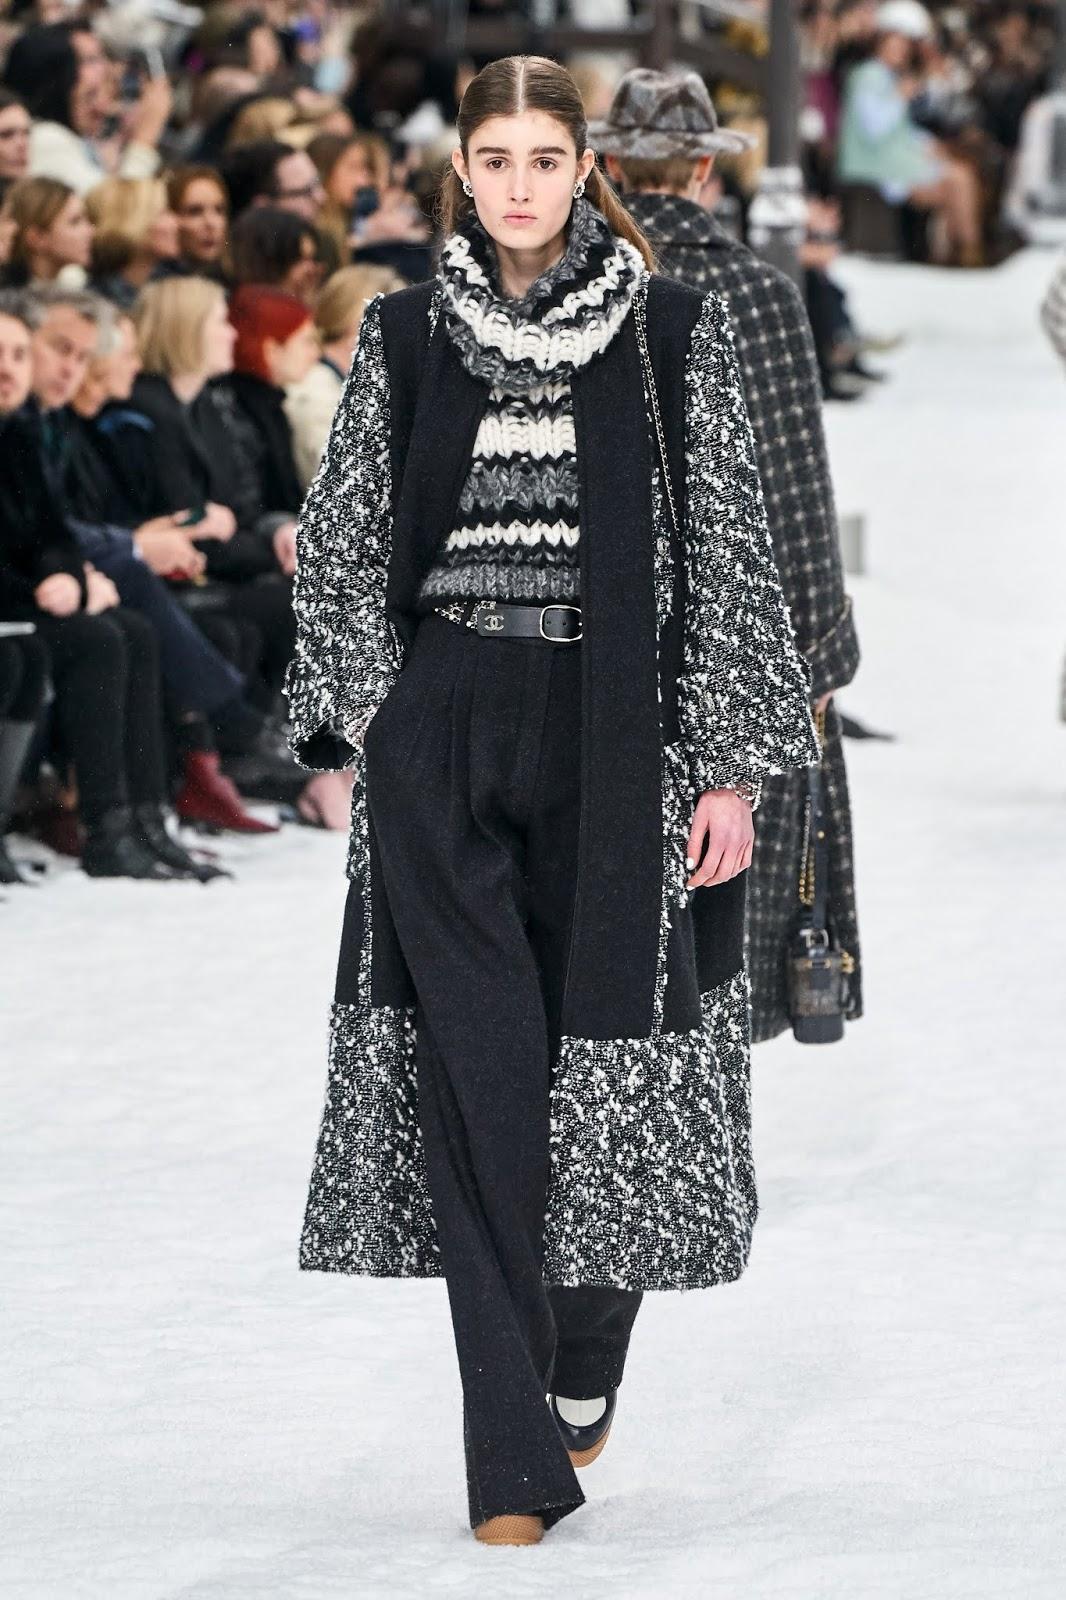 Trend Report | Knitwear